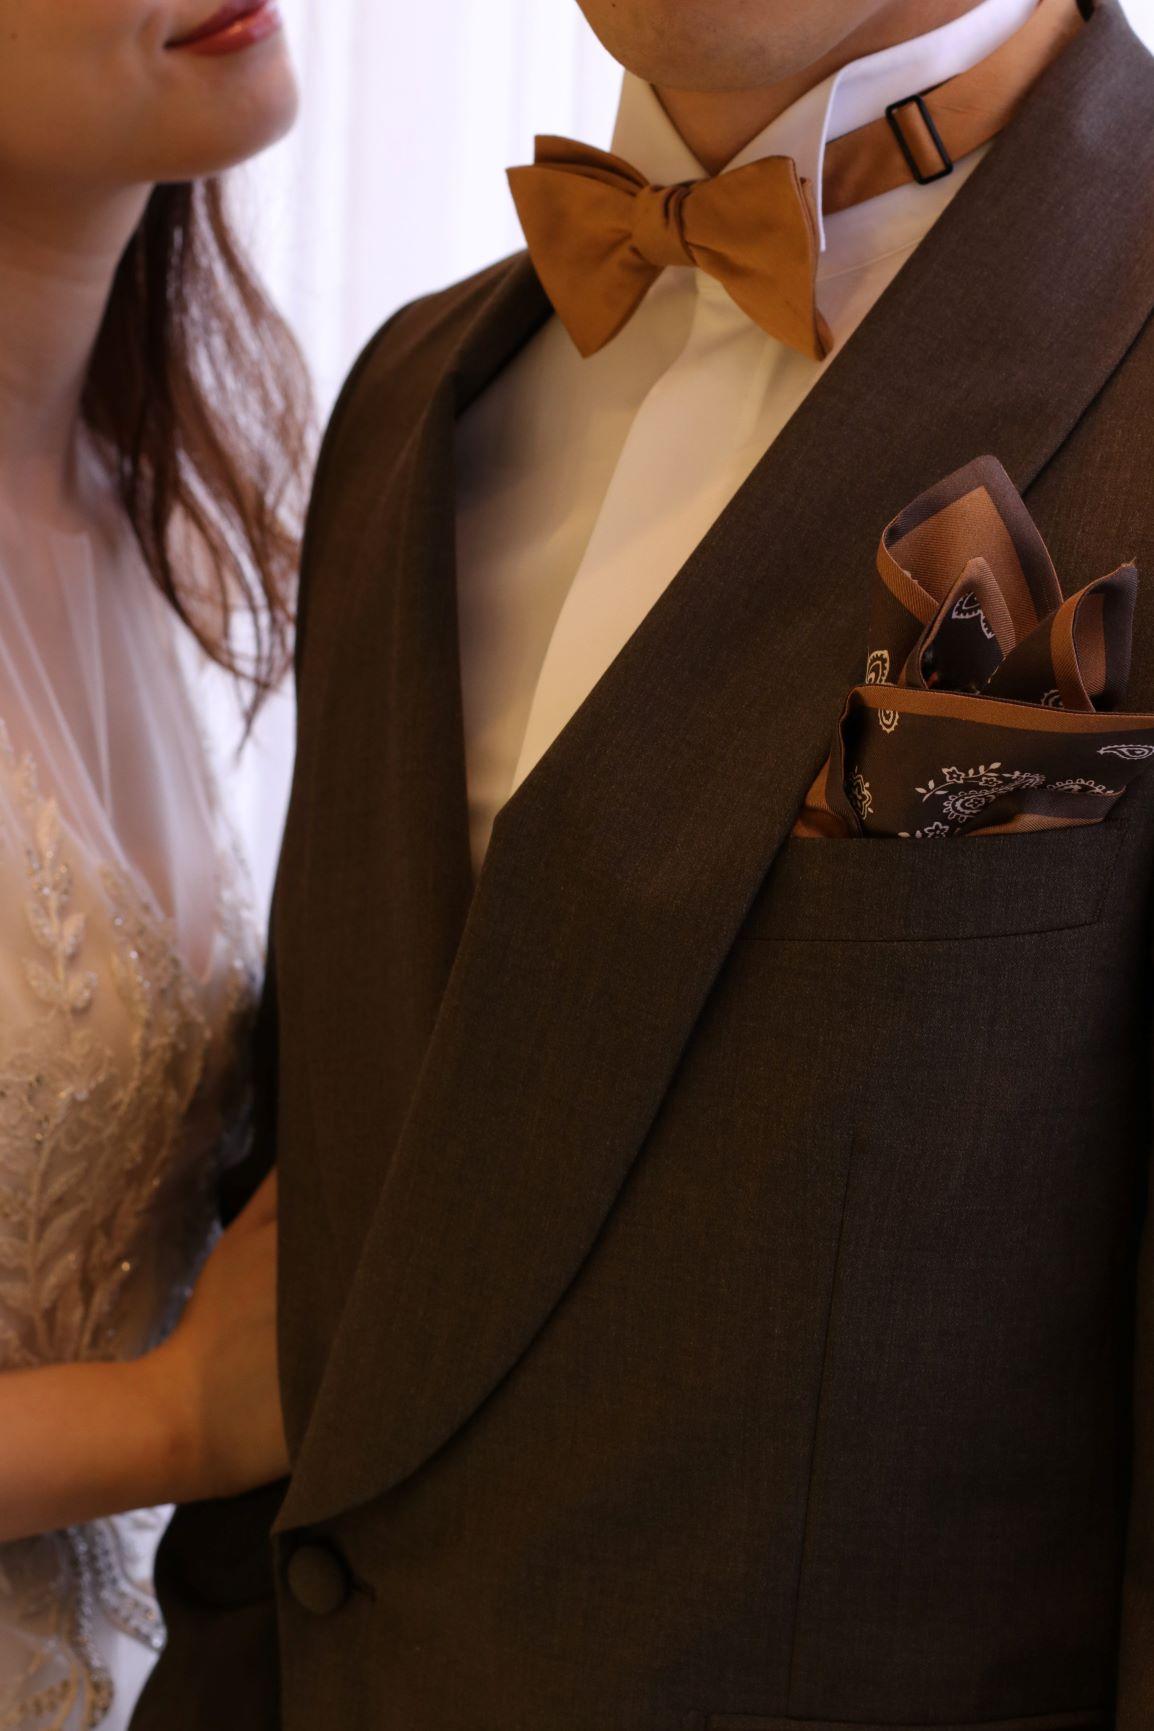 秋冬シーズンに結婚式を挙げられる新郎様におすすめしたい、全世界でトレンドのコロニアルカラーのジャケットとくすみイエローのタイを合わせたシックなコーディネート